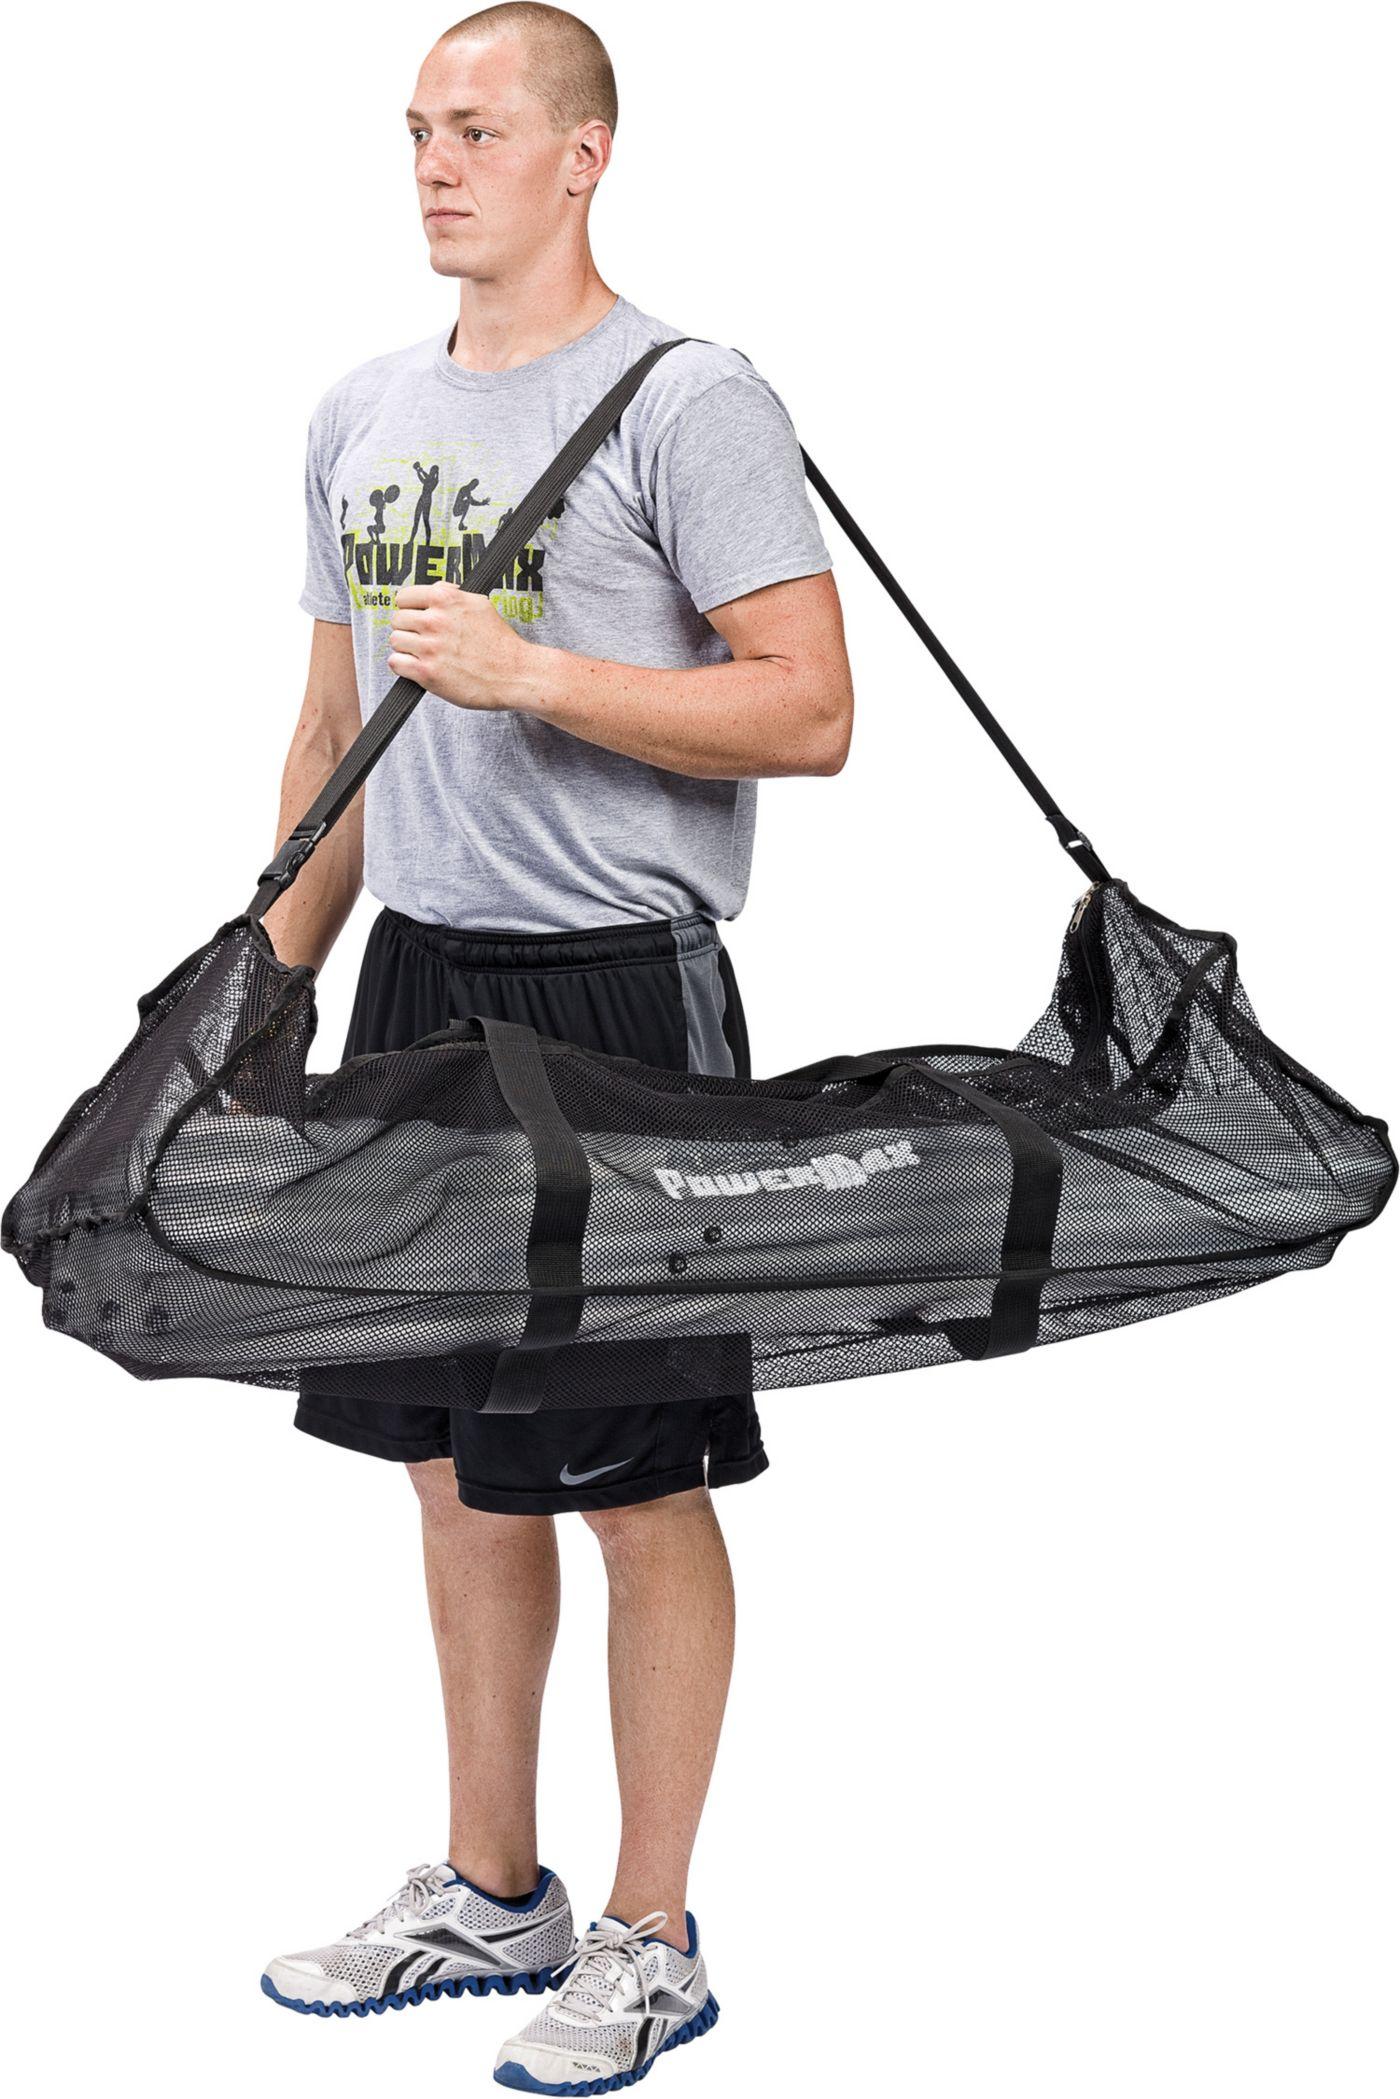 PowerMax Versa Hurdle Bag